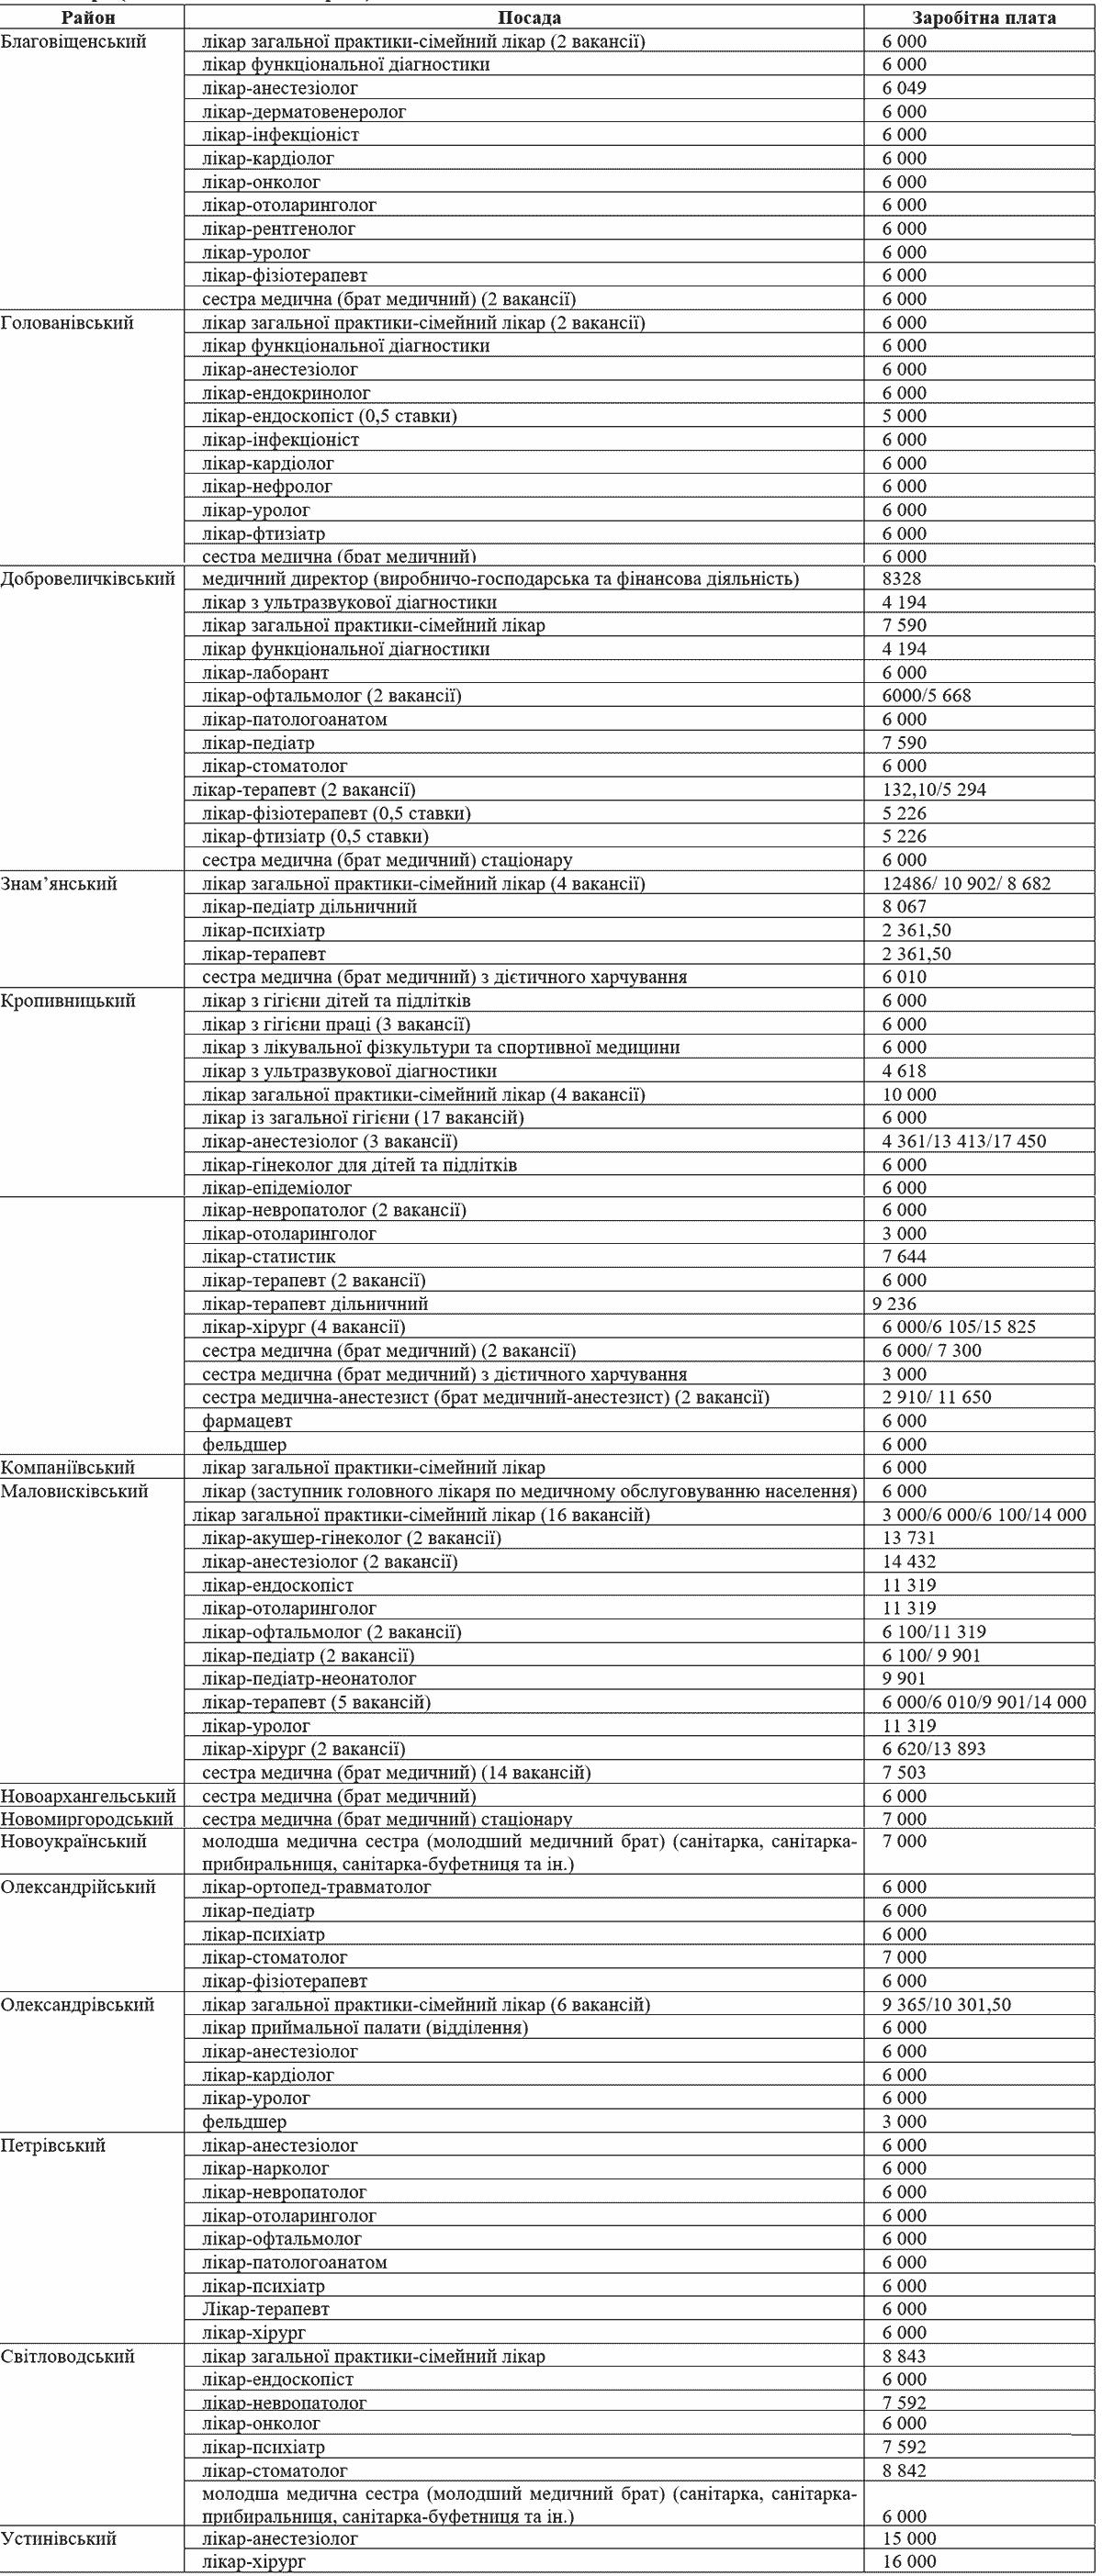 Без Купюр На Кіровоградщині бракує більше двохсот медичних працівників Здоров'я  Центр зайнятості новини медики Кропивницький Кіровоградщина вакансії 2021 Червень